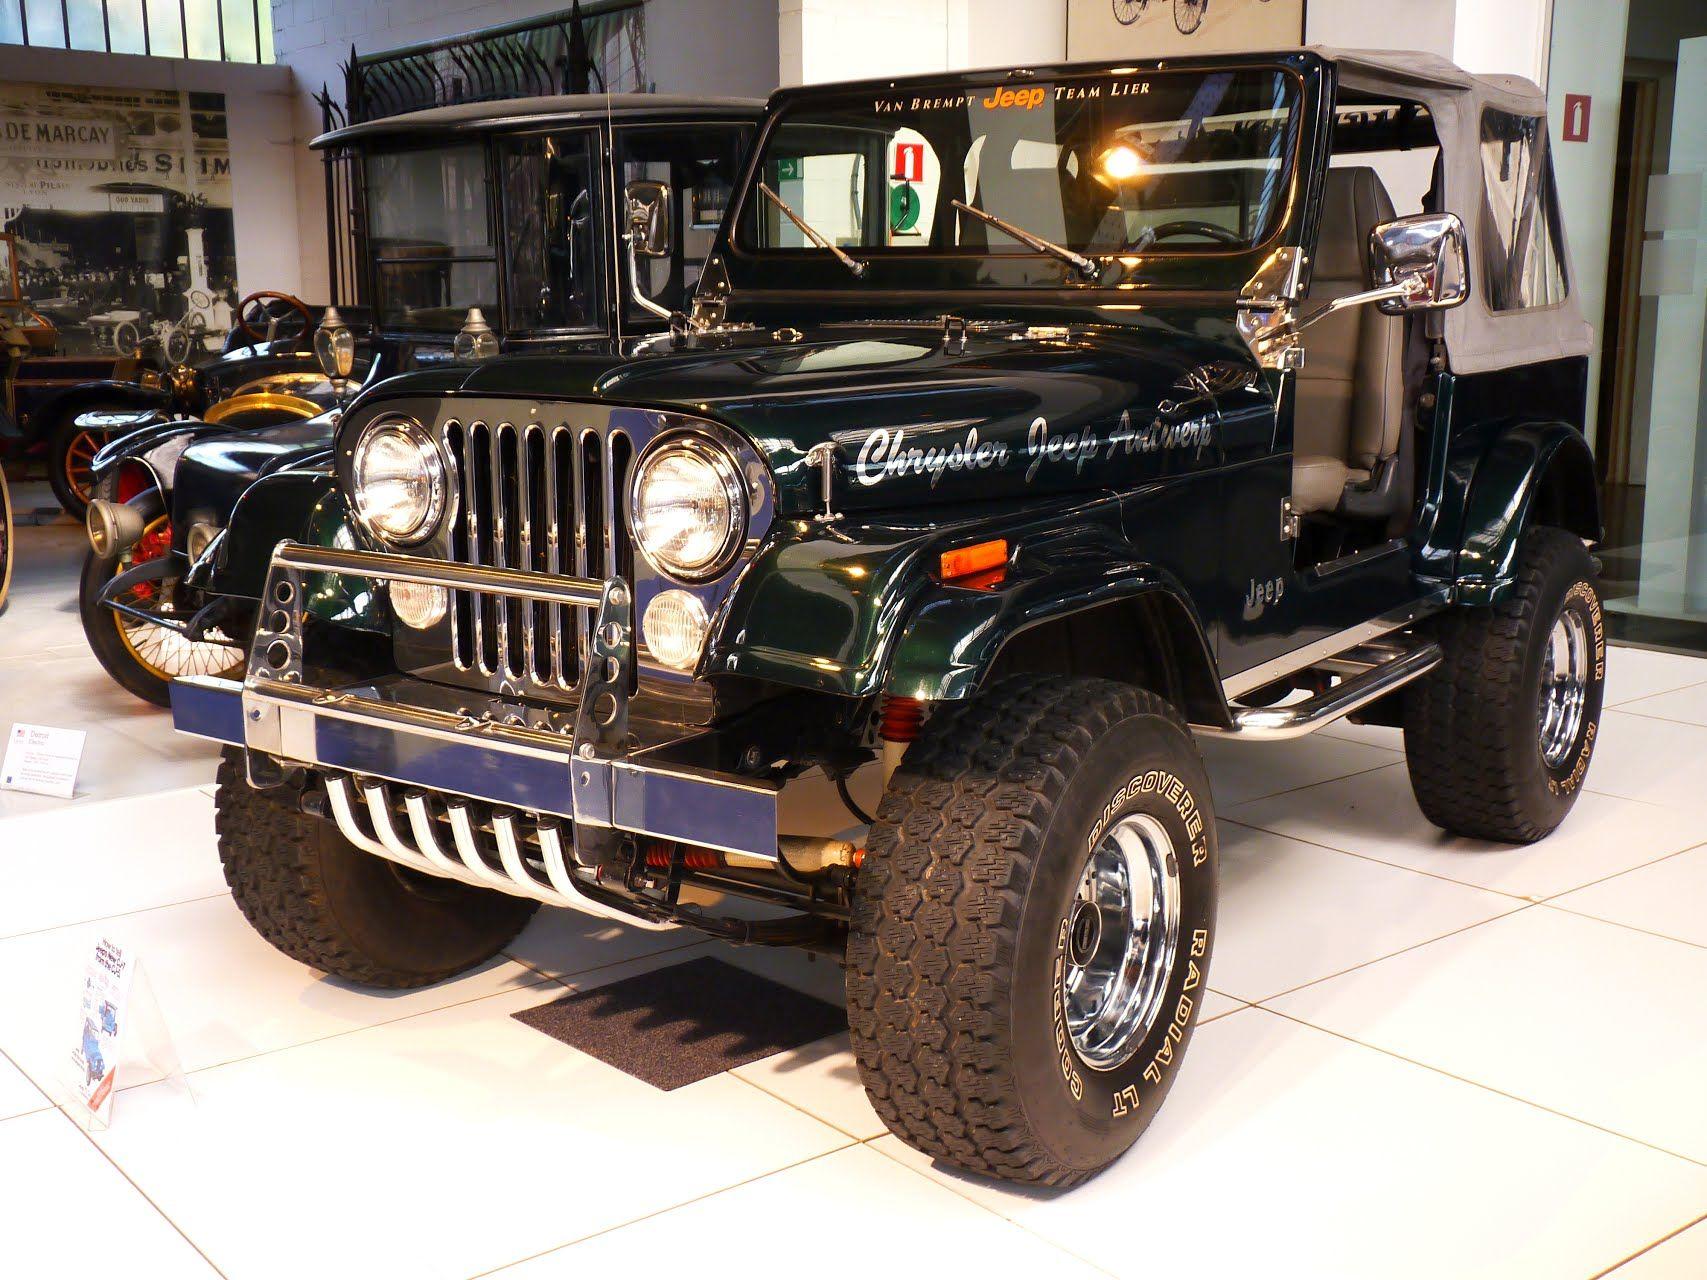 Jeep Willys Overland Cj7 1976 Jeep Cj Jeep Willys Jeep